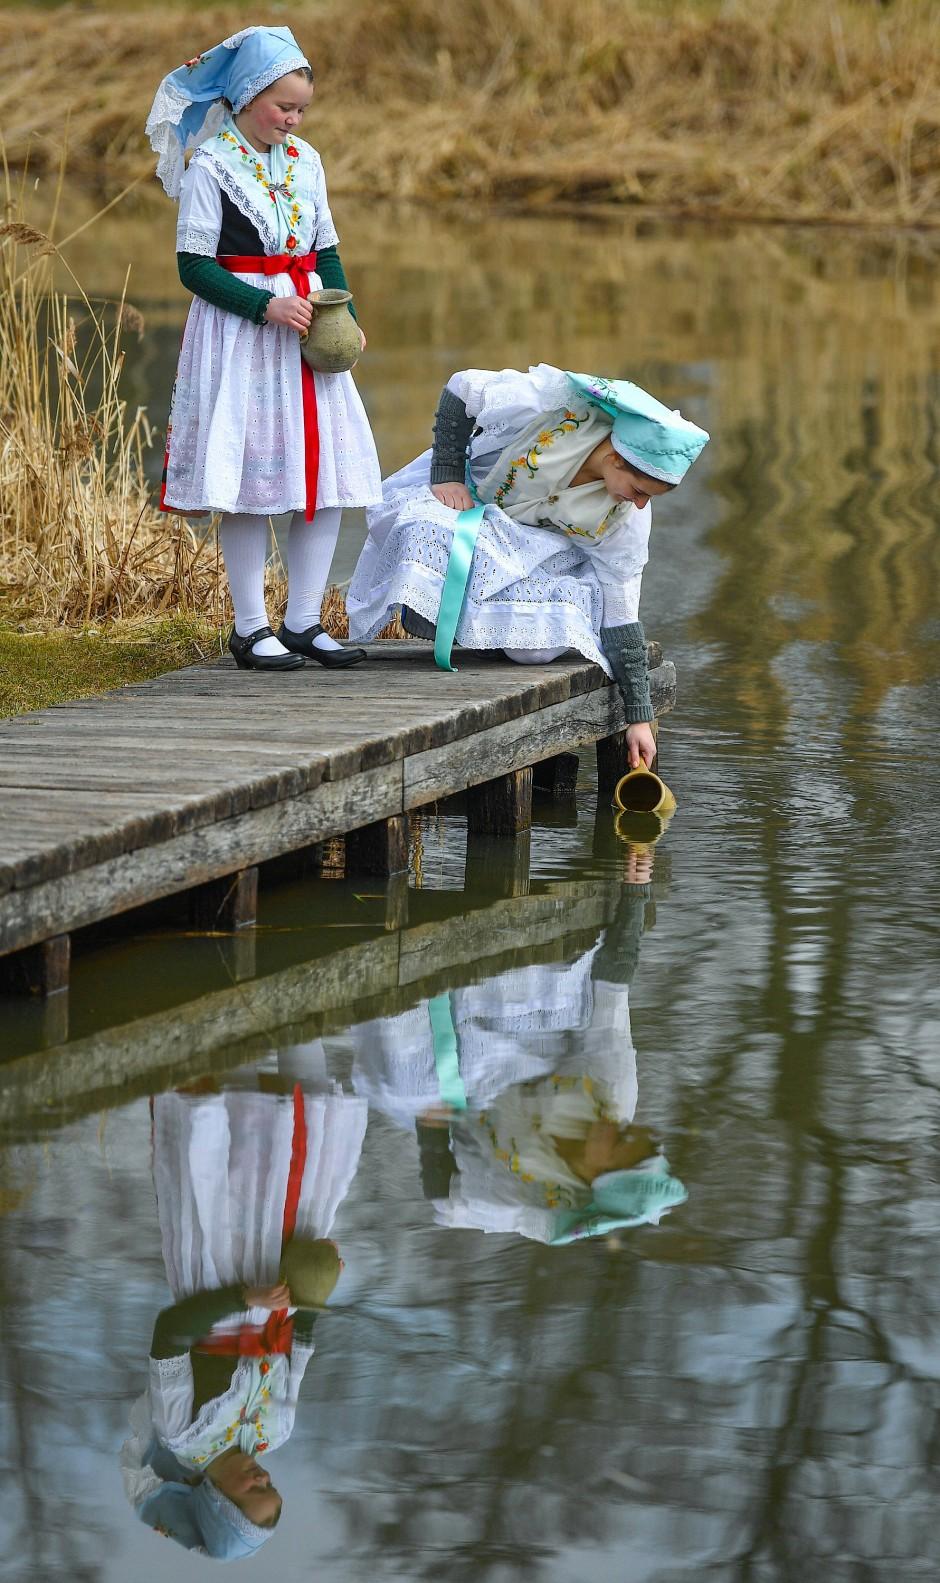 Die beiden Schwestern Aliena (l) und Leonie Huber zeigen in sorbisch-wendischen Festagstrachten in dieser nachgestellten Szene den Lausitzer Brauch vom Osterwasserholen.